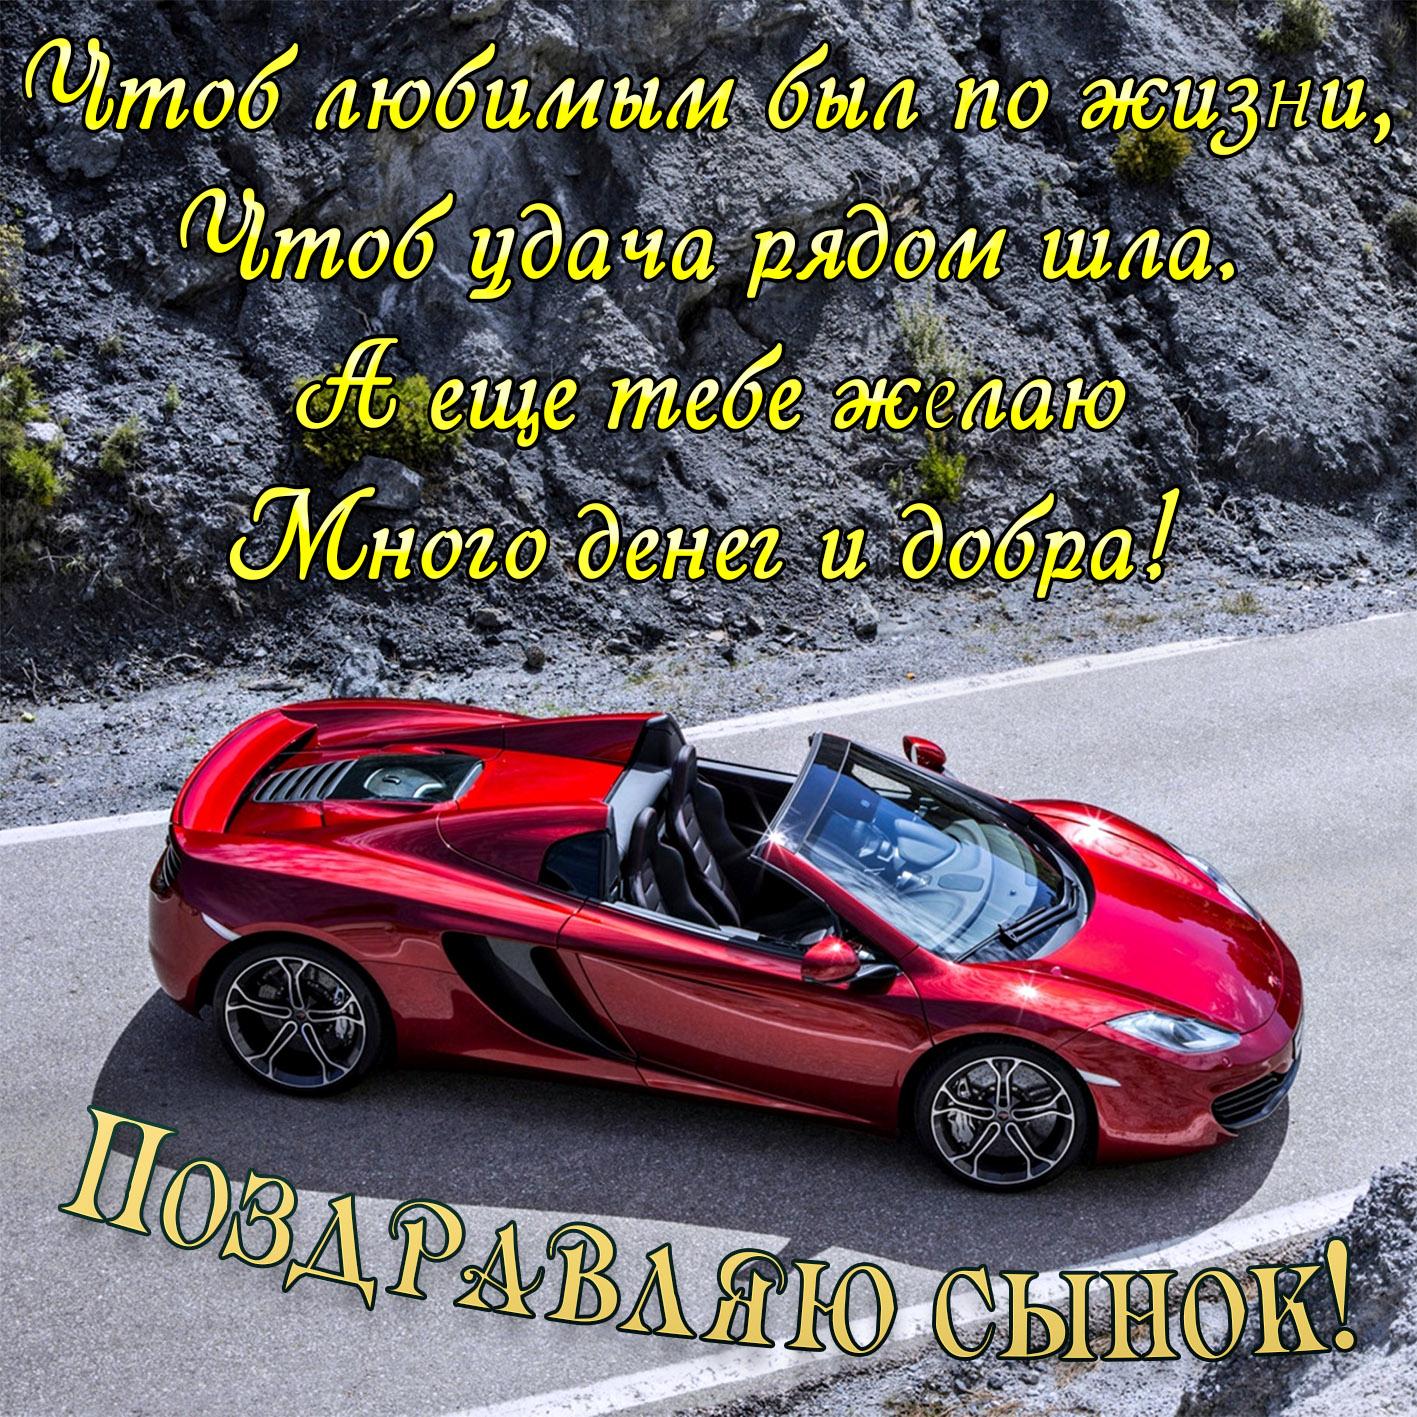 Открытка на День рождения сыну - красная машина на горной дороге